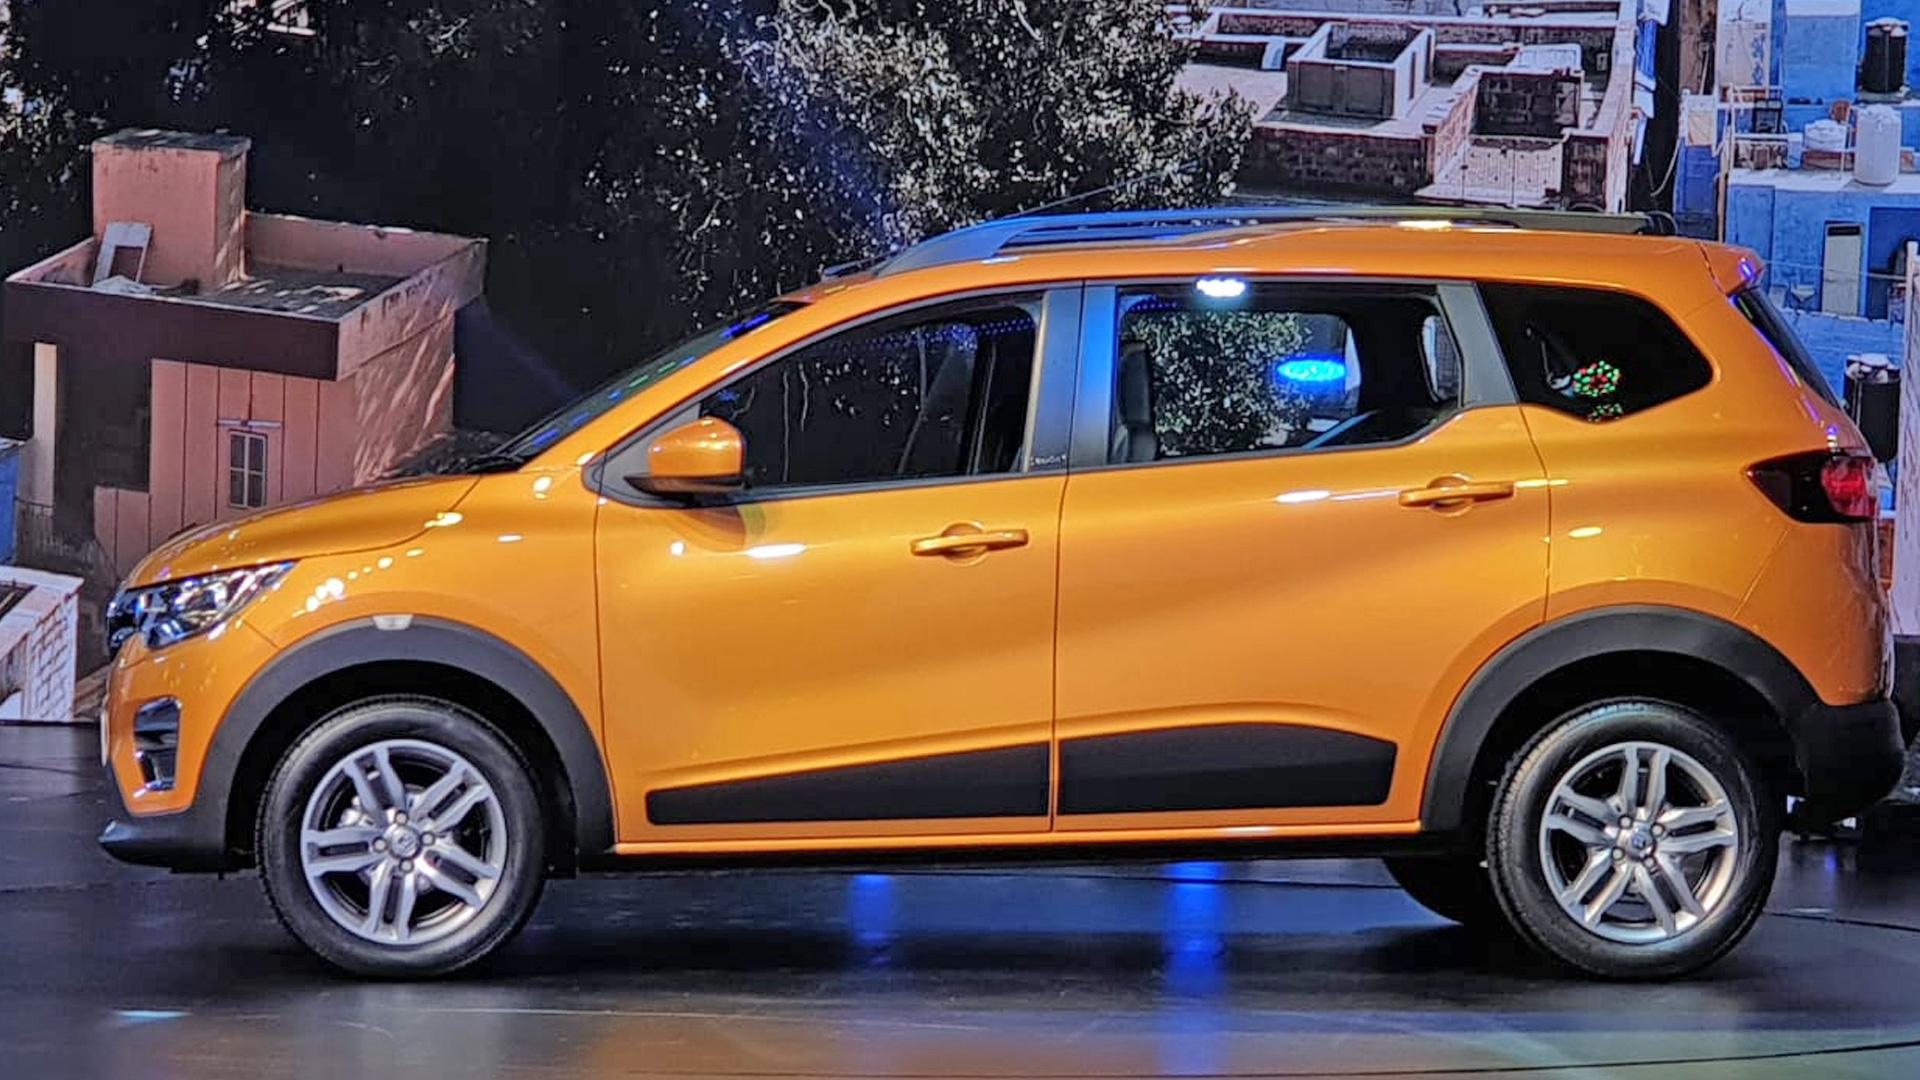 7 सीटर के अलावा ये कार एक परफेक्ट फाइव सीटर कार भी है. क्योंकि इसमें पीछे की सीट को हटाने (फोल्ड) का भी ऑप्शन है, जिससे इस गाड़ी में 625 लीटर का कमाल का बूट स्पेस भी मिलता है.